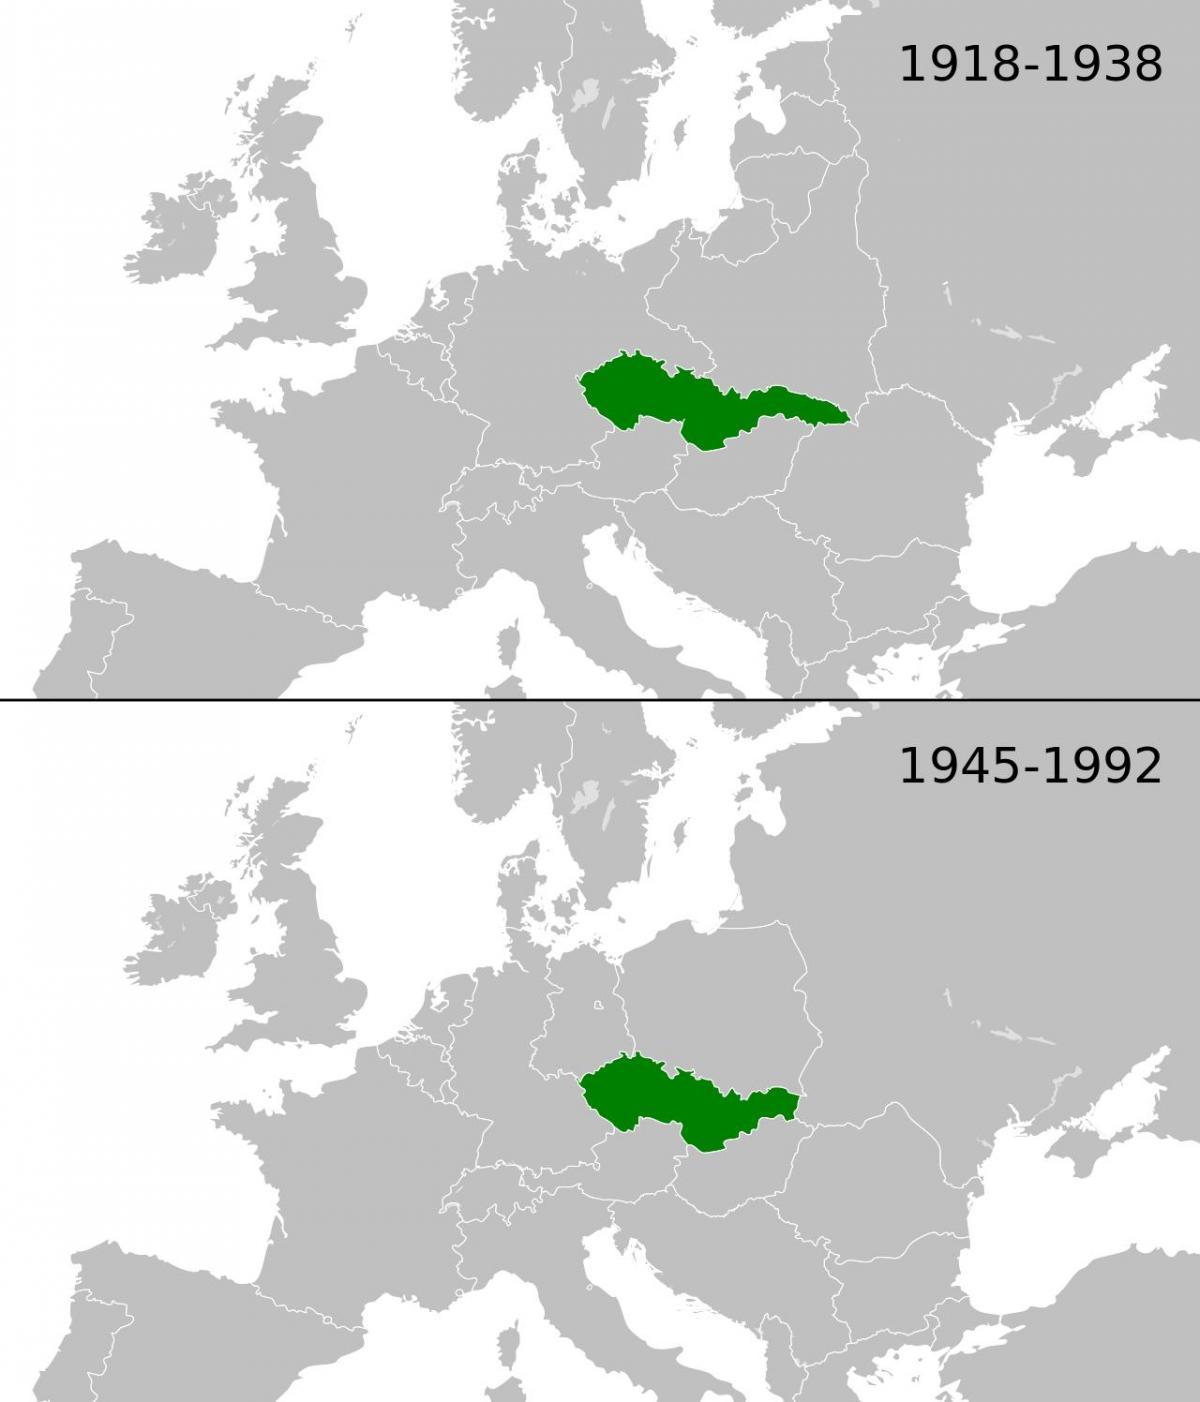 tsjekkoslovakia kart Tsjekkoslovakia Europa kart   Kart over Europa, Tsjekkoslovakia  tsjekkoslovakia kart